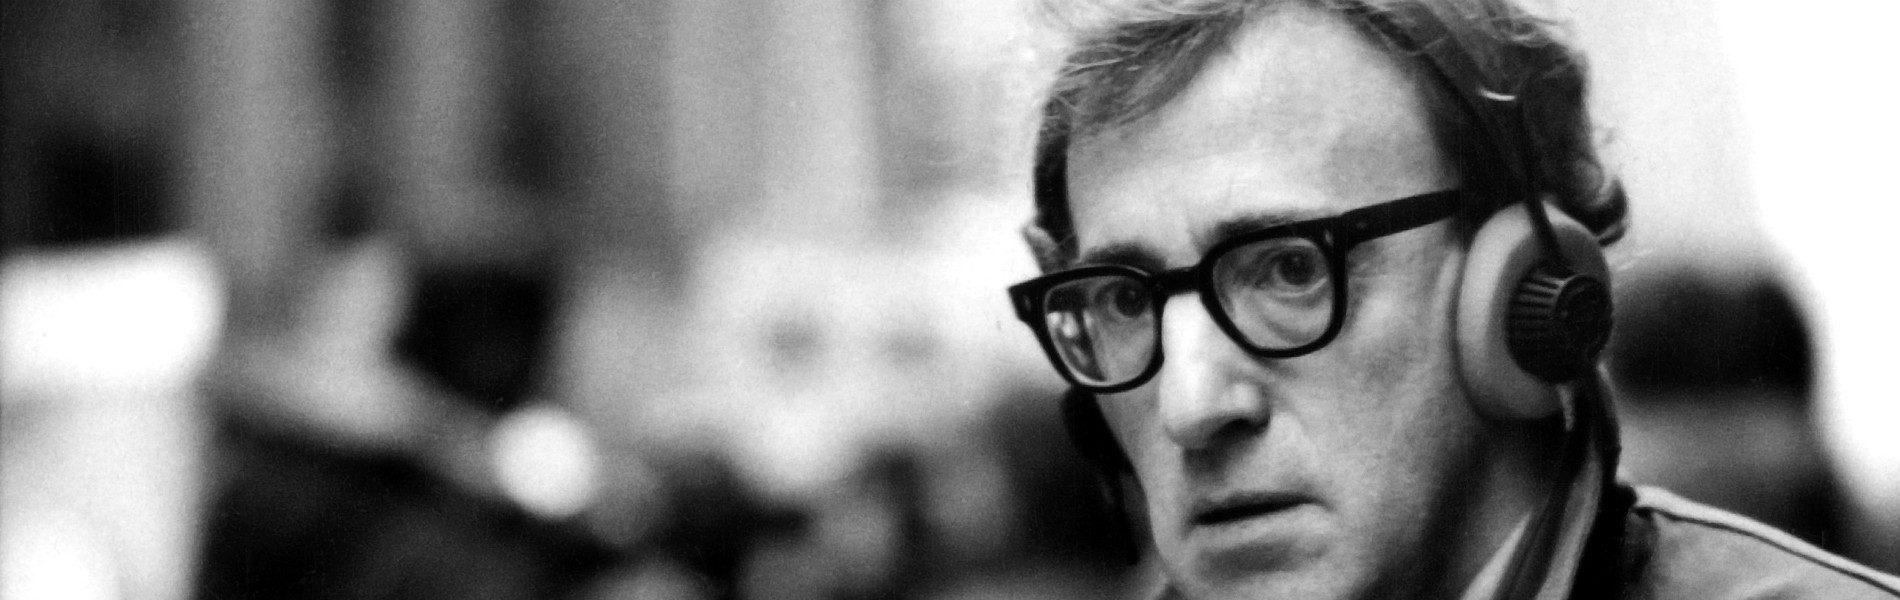 Woody Allen 12 legemlékezetesebb rendezése